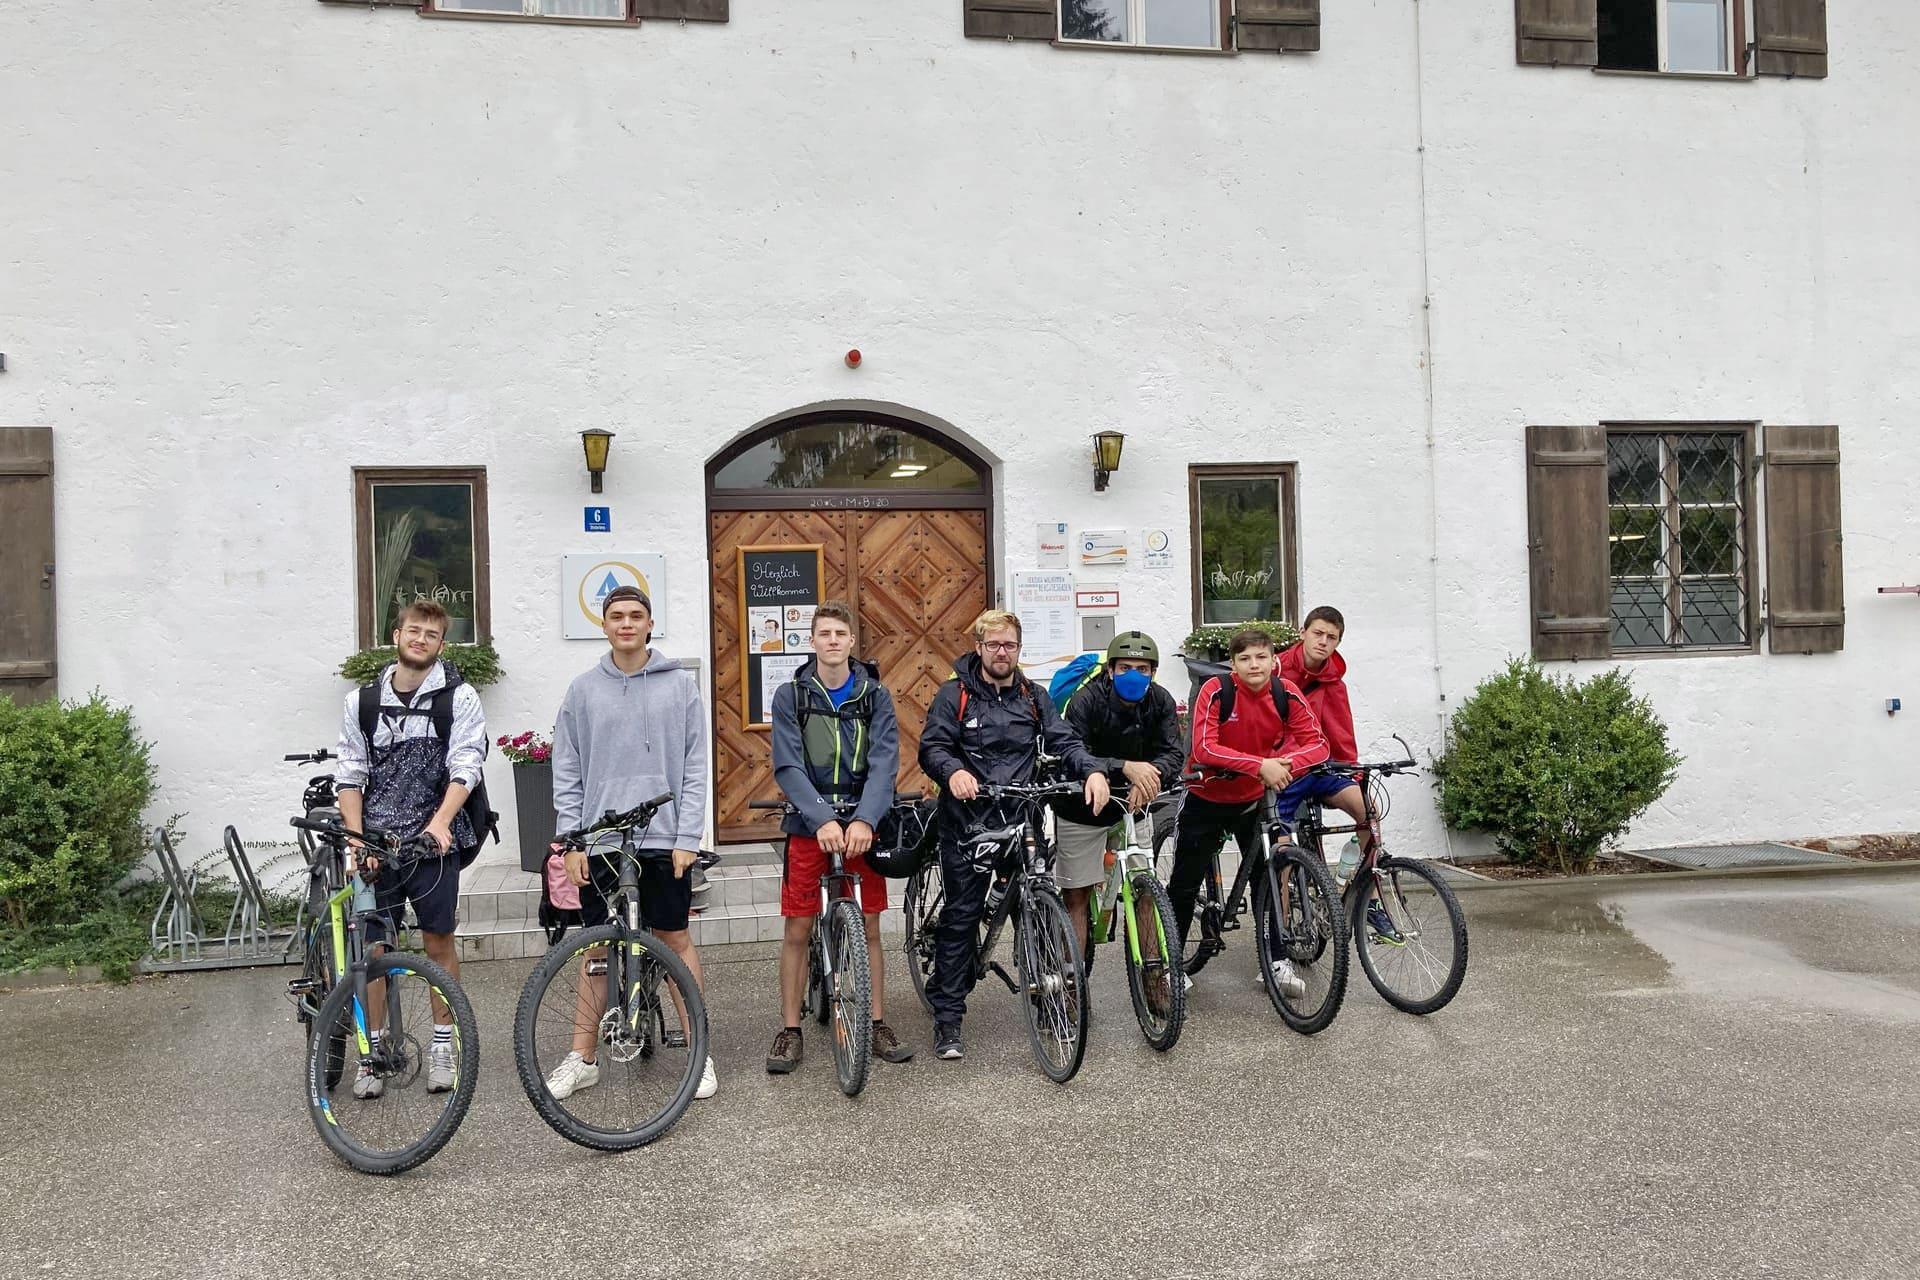 Sportjugend unterwegs in Berchtesgaden Sport, Umwelt- und Naturschutz standen im Mittelpunkt der viertägigen Bildungsmaßnahme der Sportjugend Regensburg